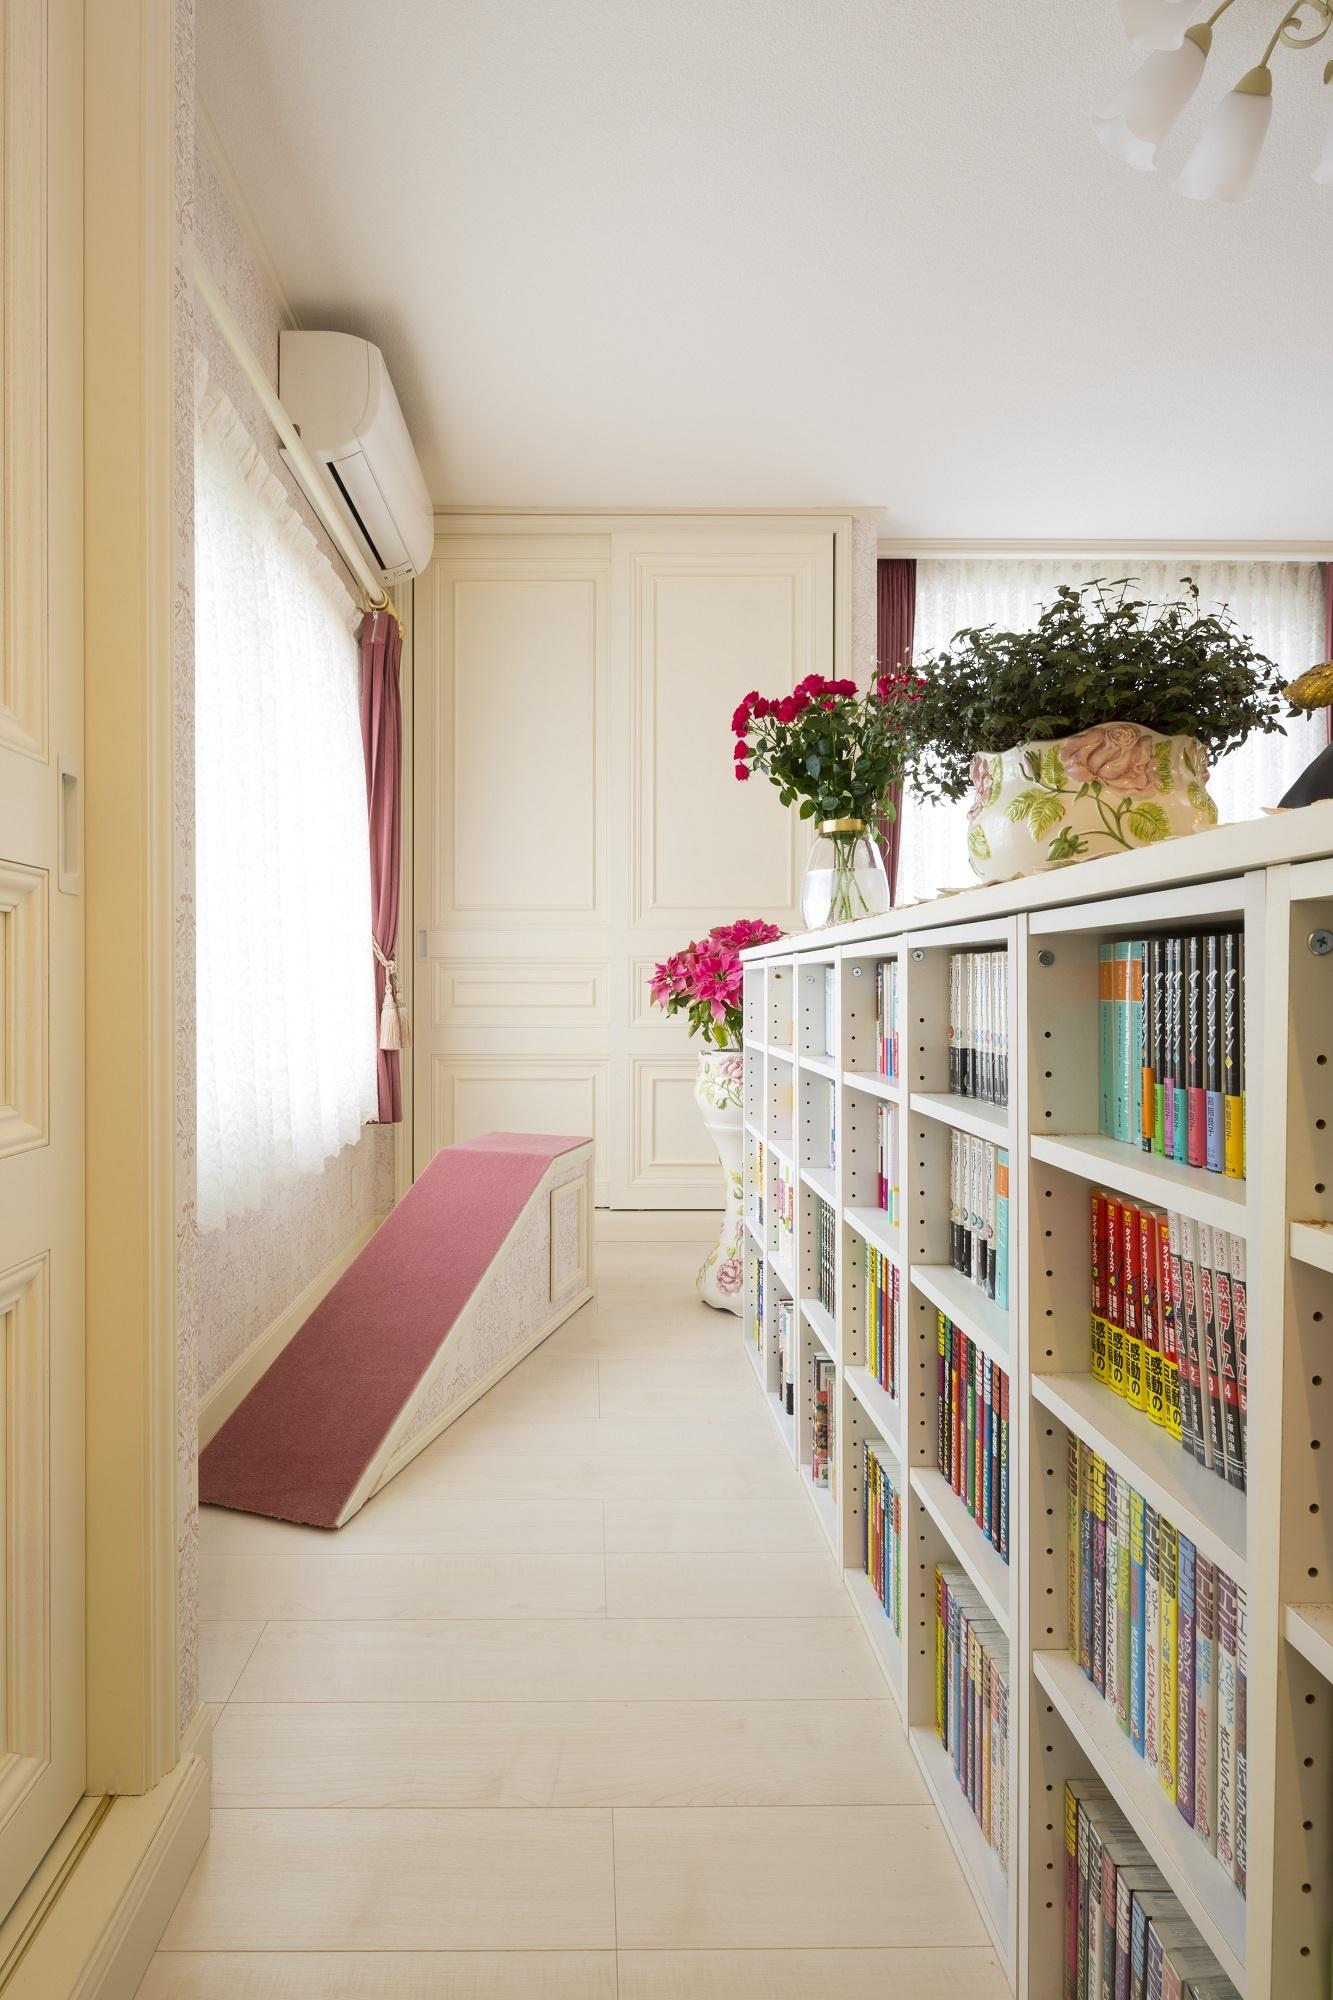 造作収納の扉や室内ドアは美しいレリーフで統一。愛犬のココちゃんのステップも部屋ごとに壁紙とお揃いにしてレリーフ付。空間に違和感なくなじんでいます